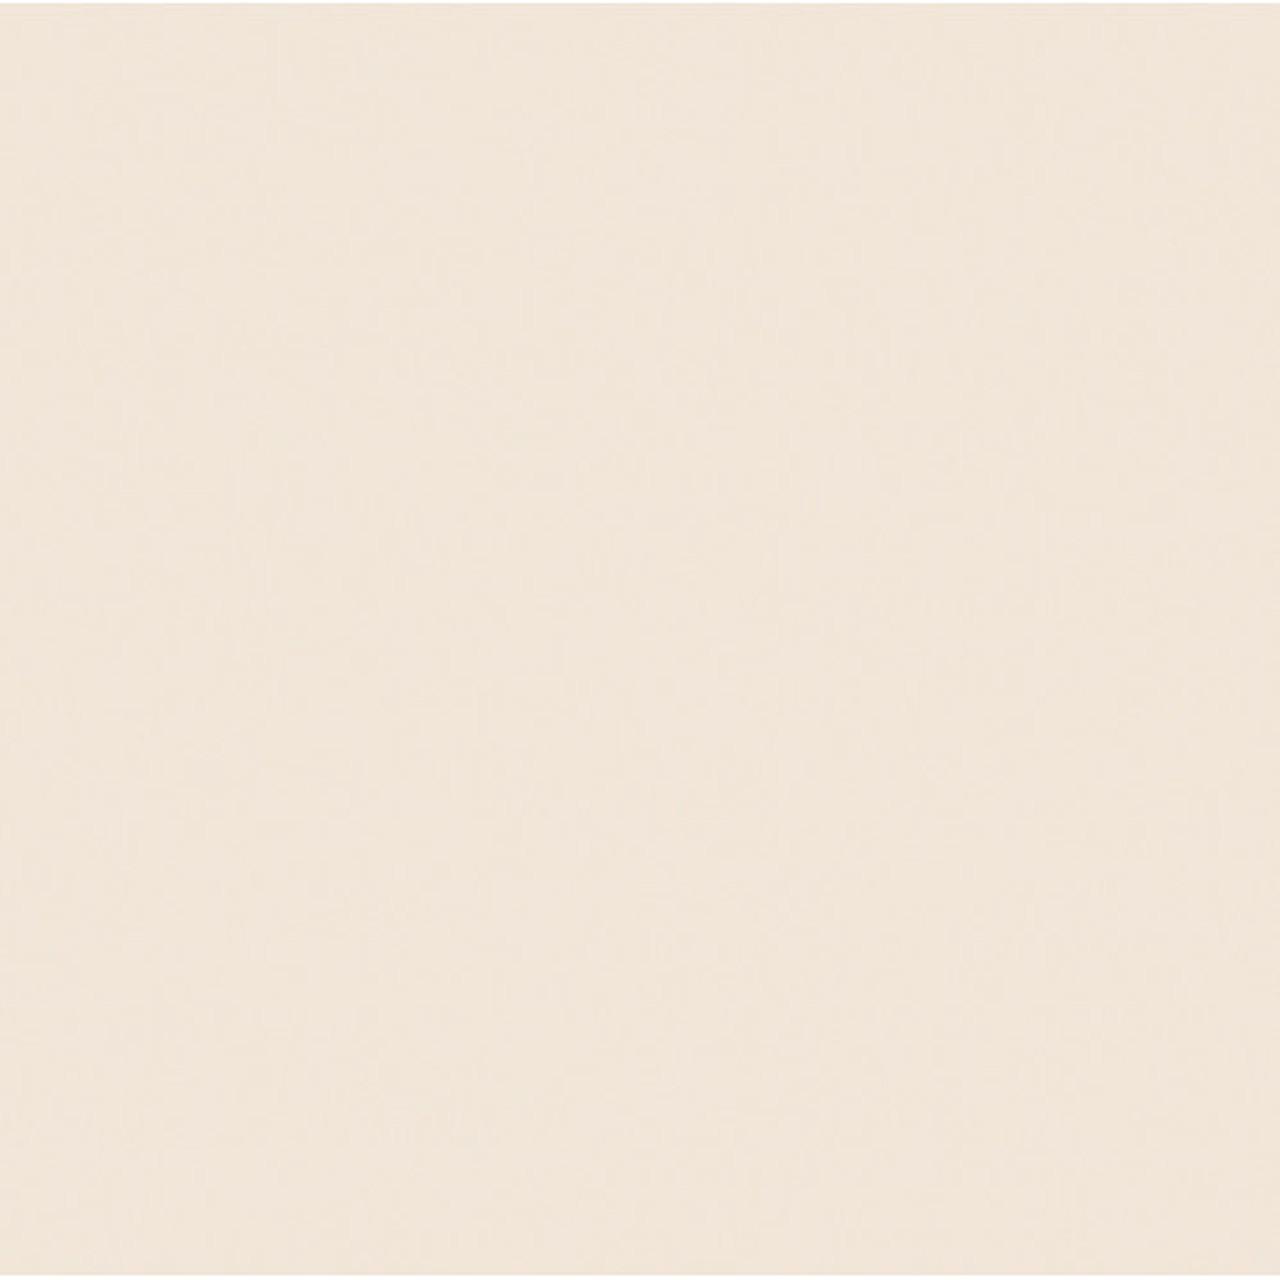 Rosco Cinegel Sheet #3444: Eighth Straw (1/8 CTS), Gels